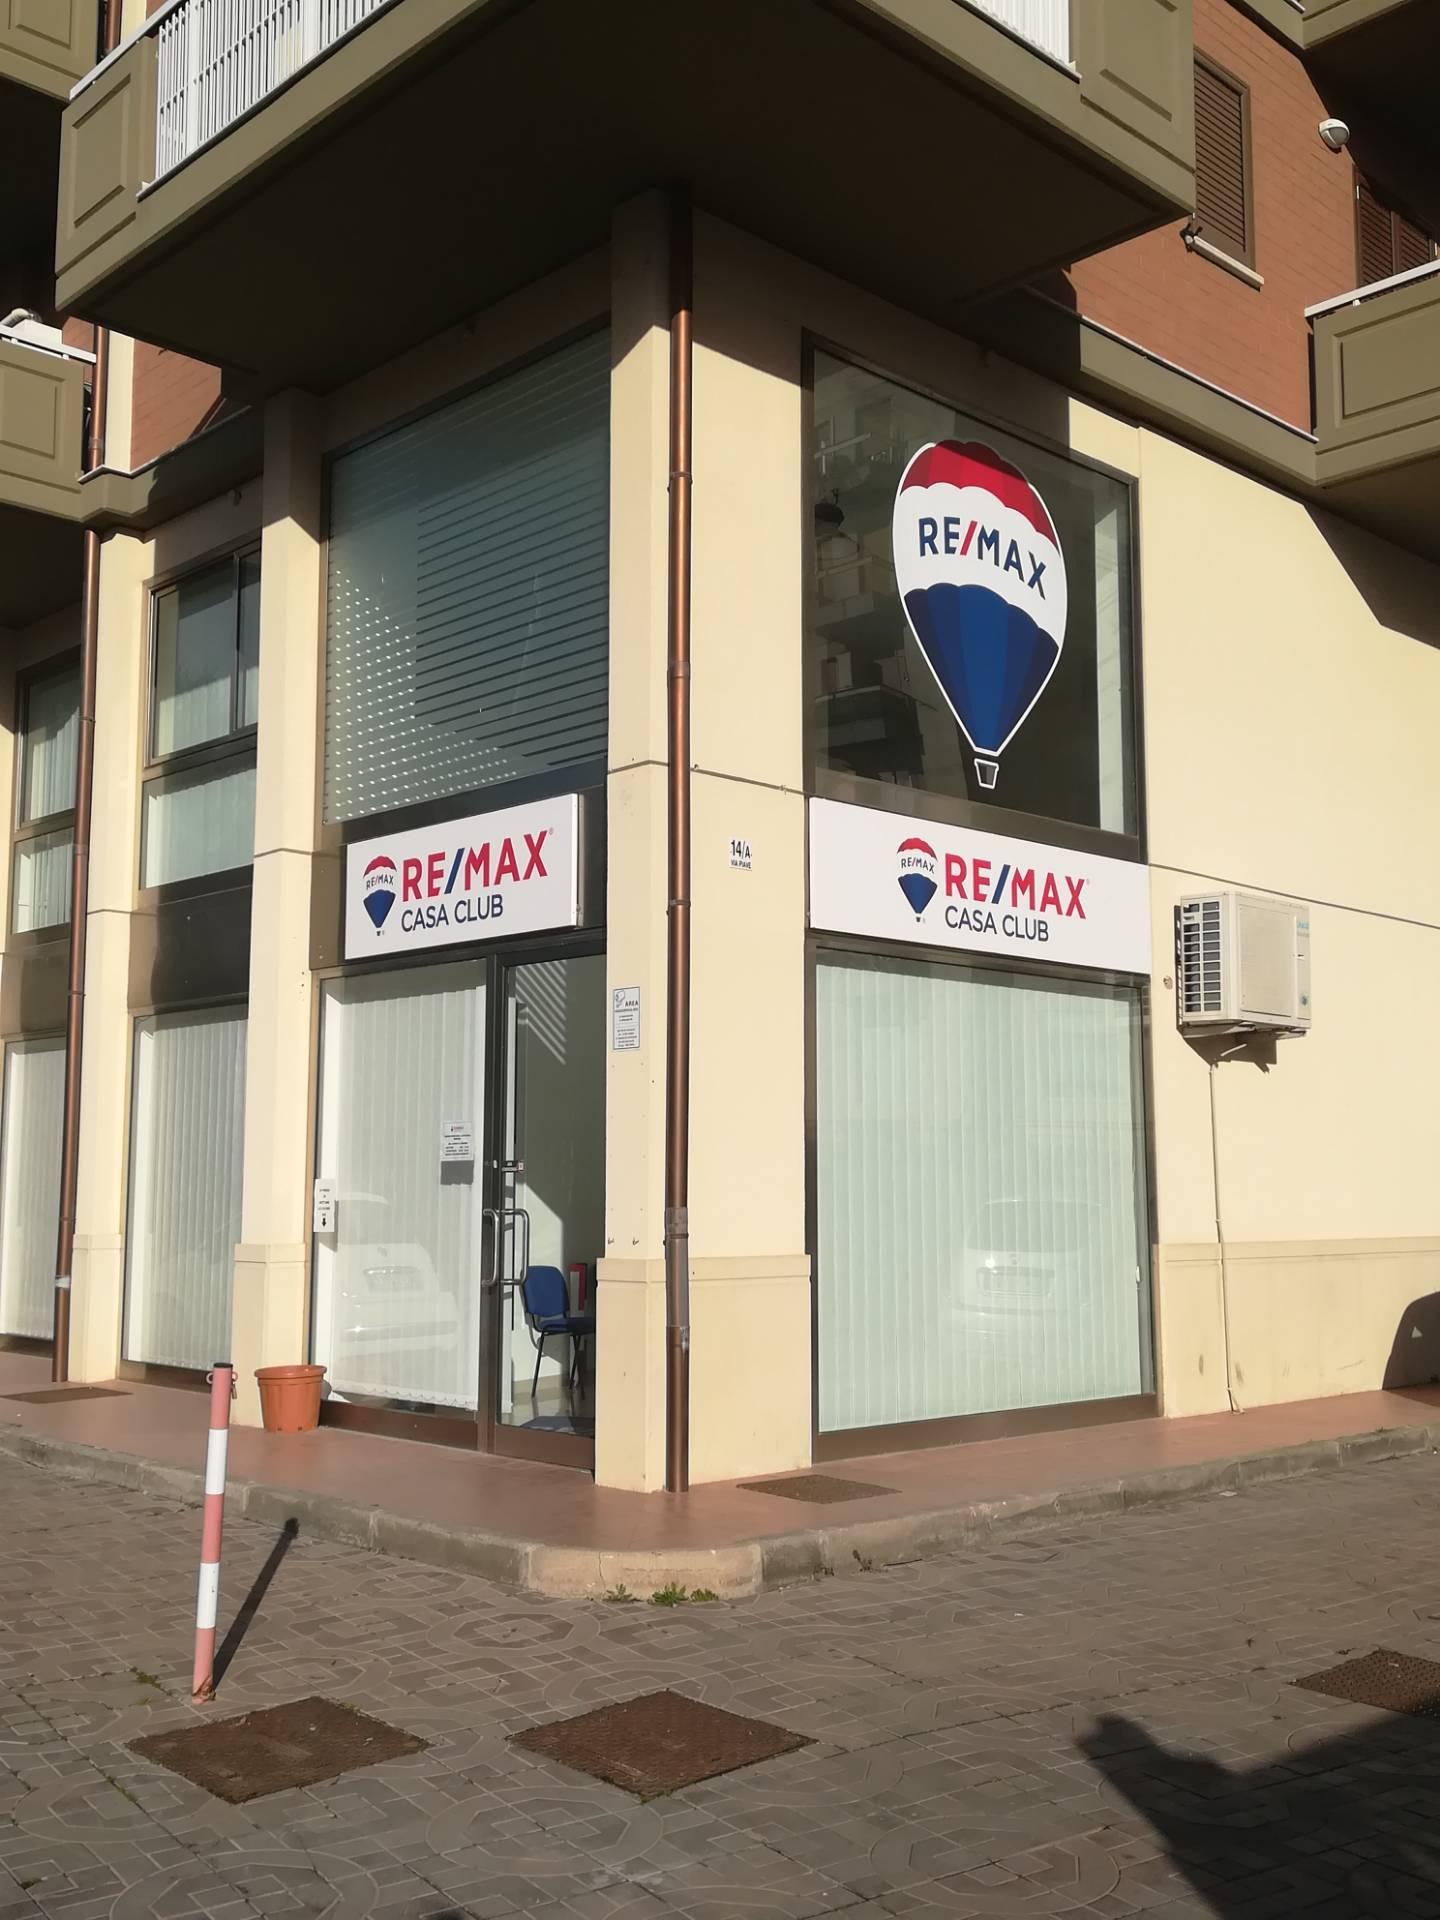 Re max casa club agenzia immobiliare caltanissetta for Ammobiliare casa